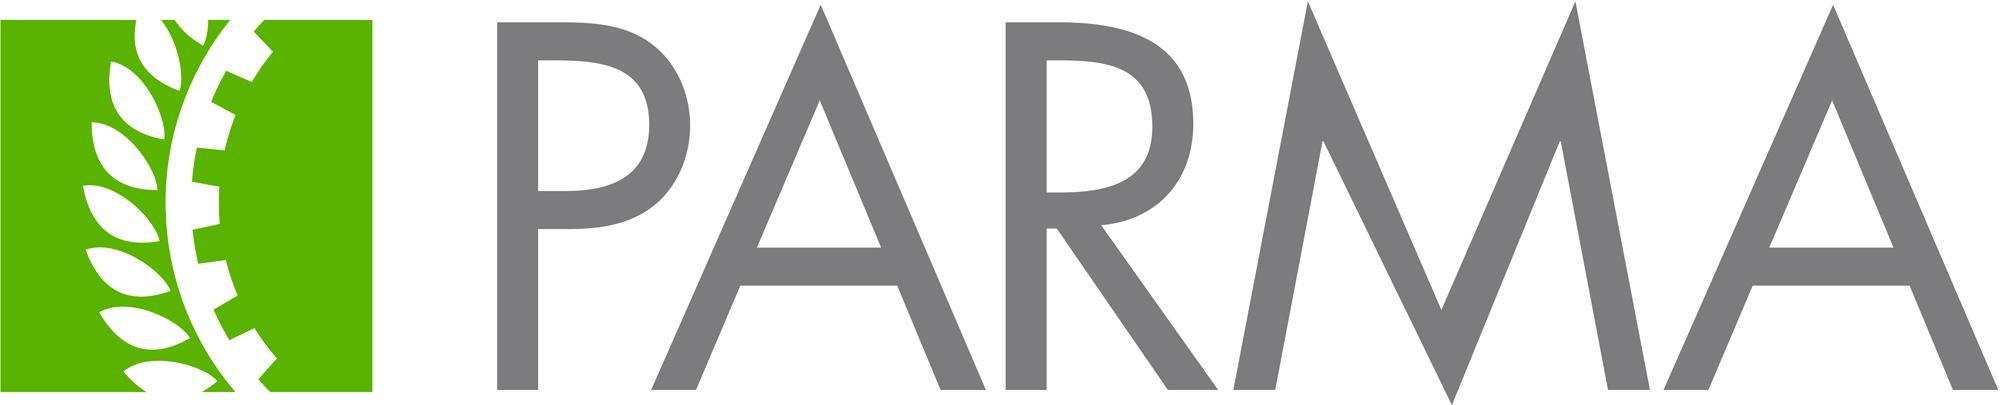 Logotipo Parma